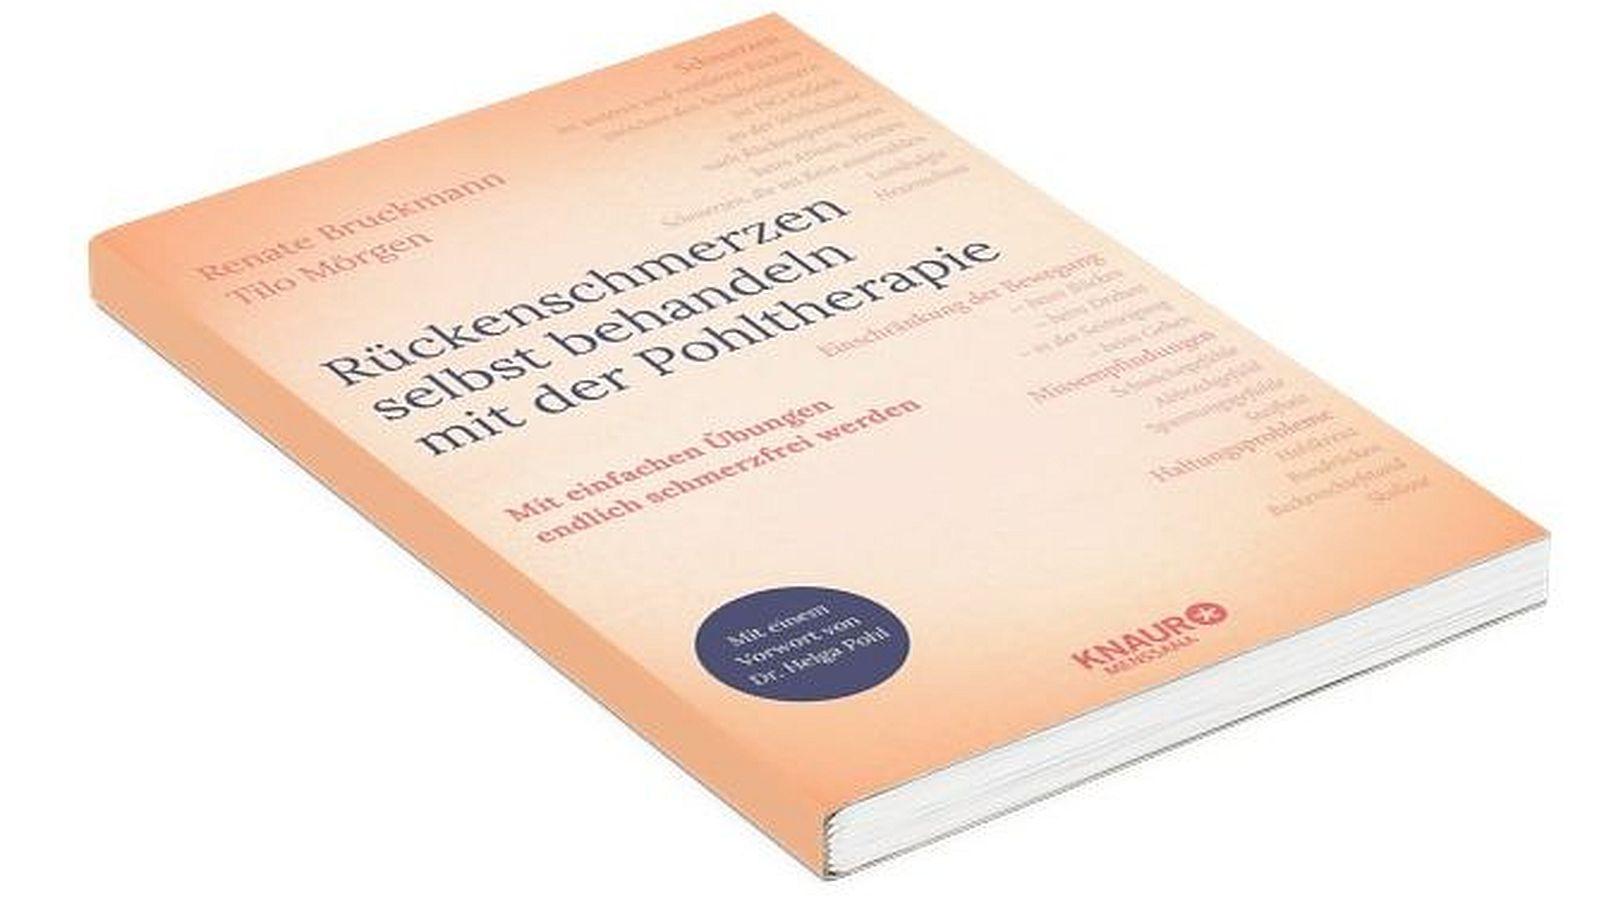 Neues Pohltherapie-Buch: Rückenschmerzen selbst behandeln - mit einfachen Übungen endlich schmerzfrei werden.